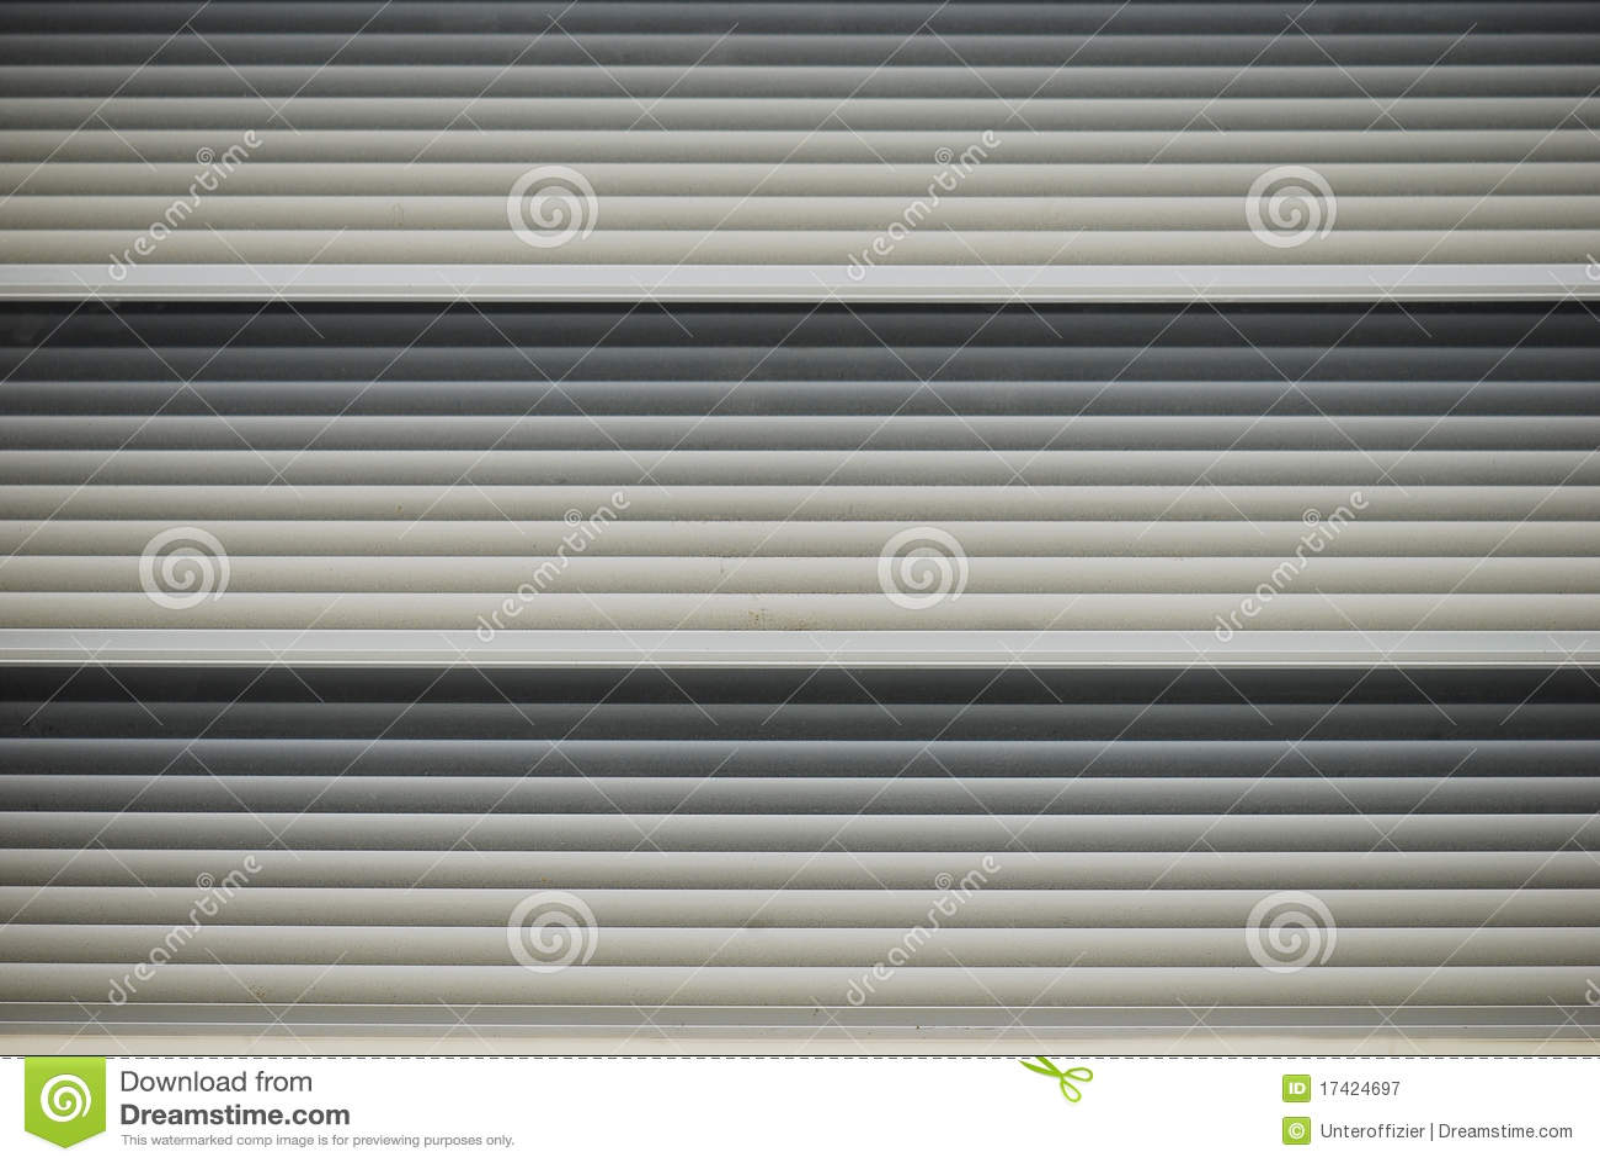 Placas de aluminio imagen de archivo imagen de metal - Placas de aluminio ...